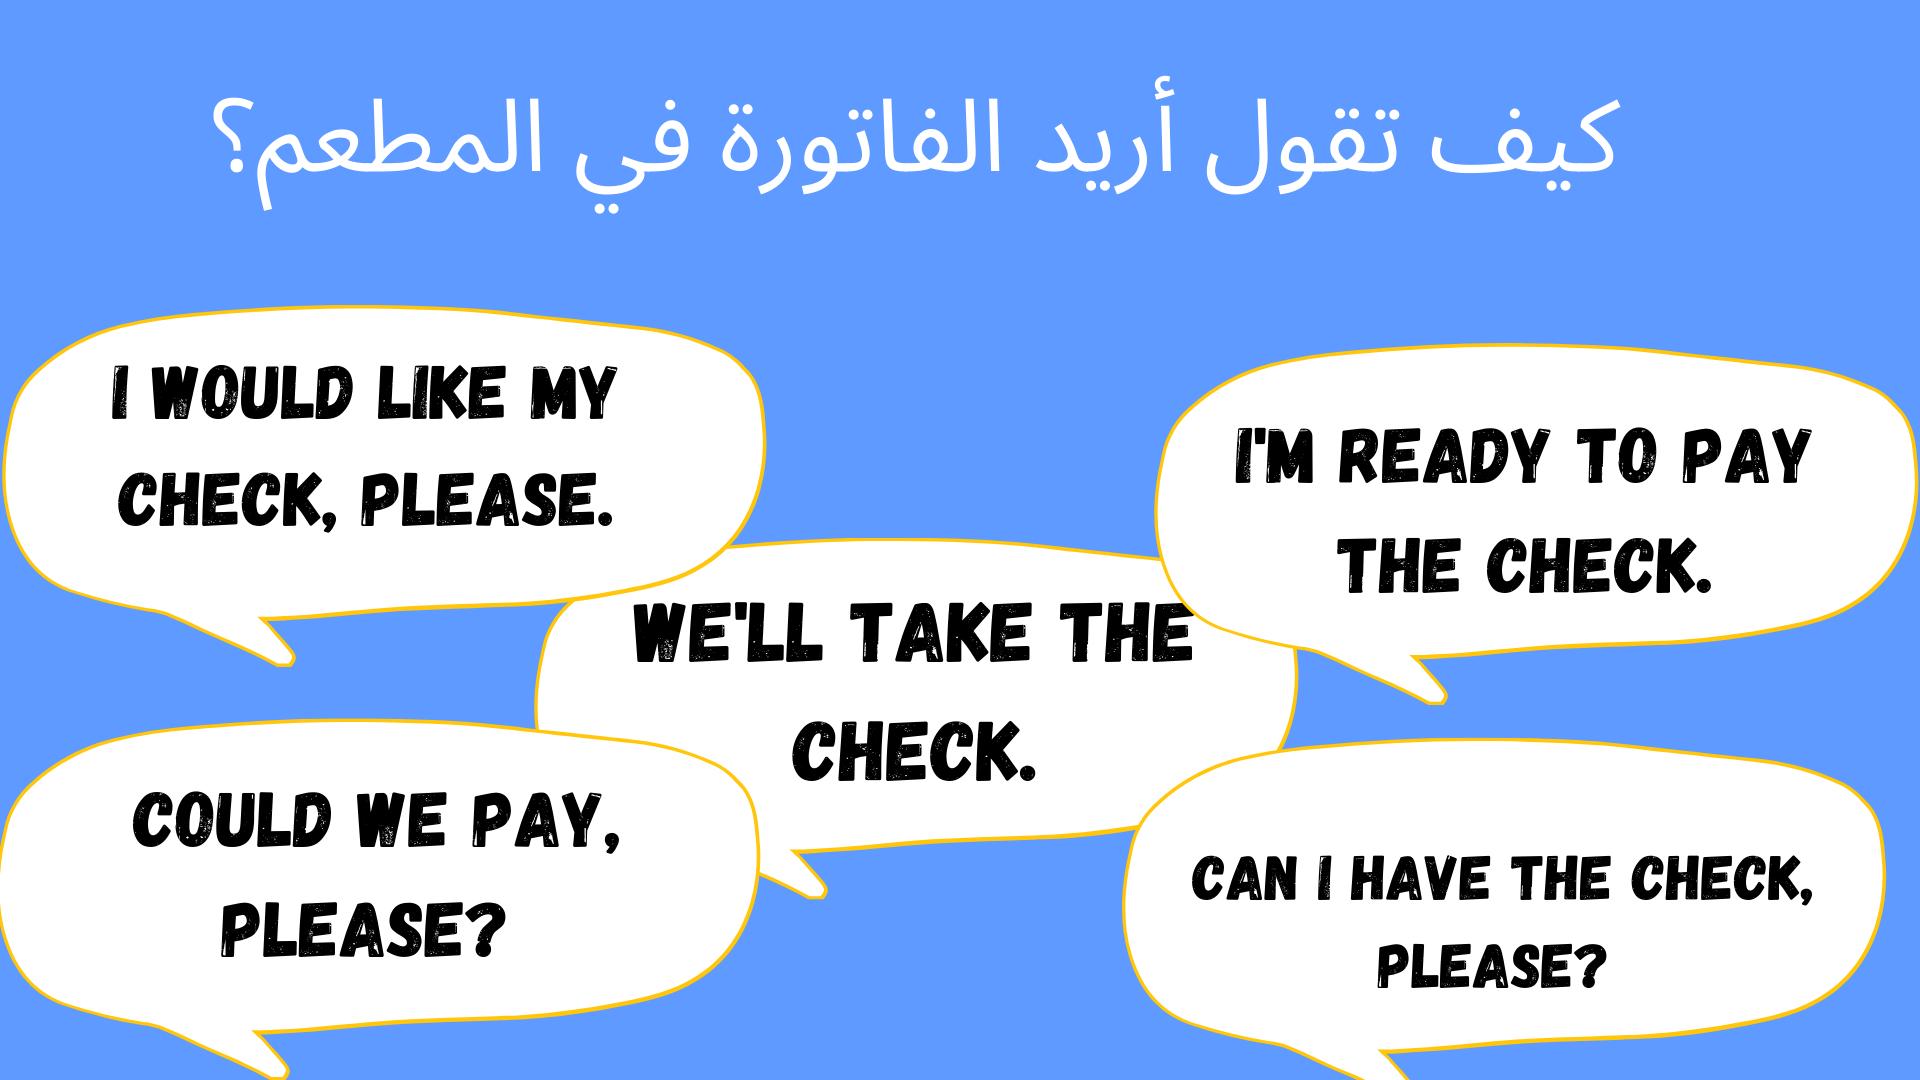 محادثة في مطعم بالانجليزي ومحادثة حجز مطعم في الانجليزي